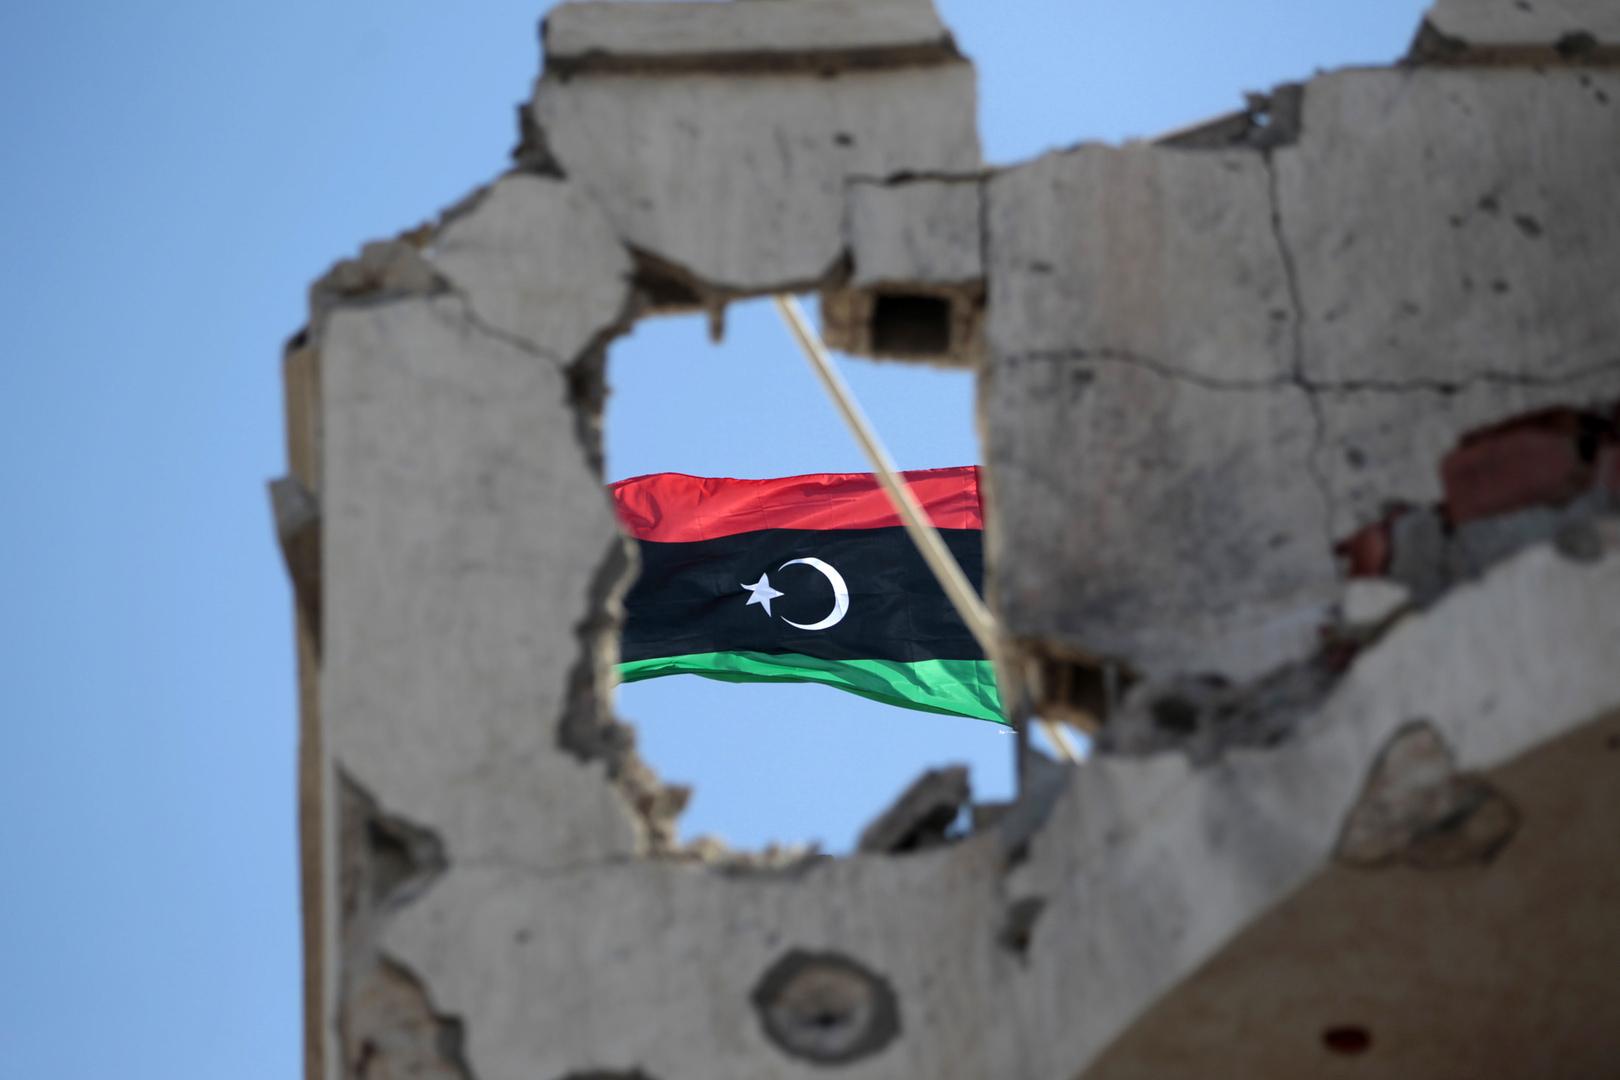 مسؤولة إيطالية: يمكننا الاعتماد على نقطتين قويتين لاغتنام الفرص الاقتصادية في ليبيا